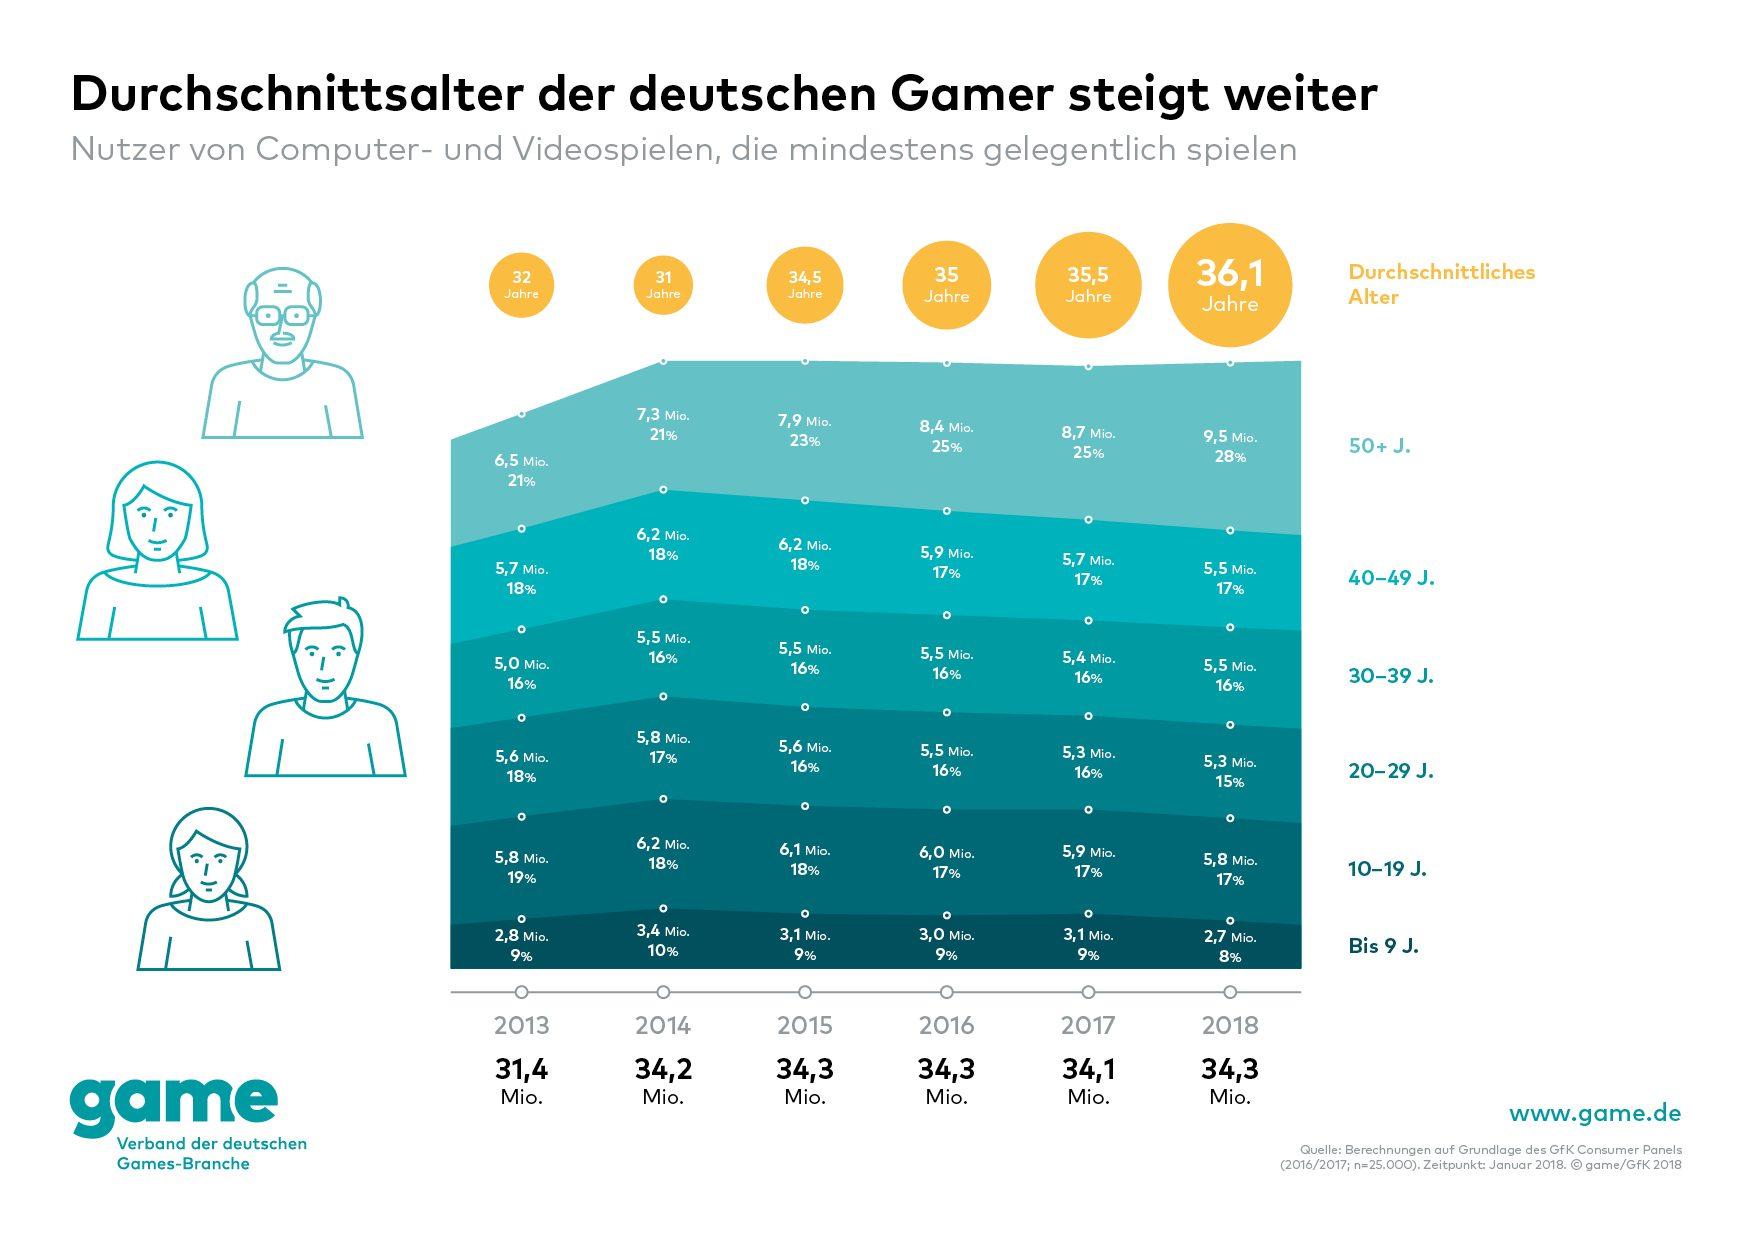 game_Durchschnittsalter-der-deutschen-Gamer-steigt-weiter